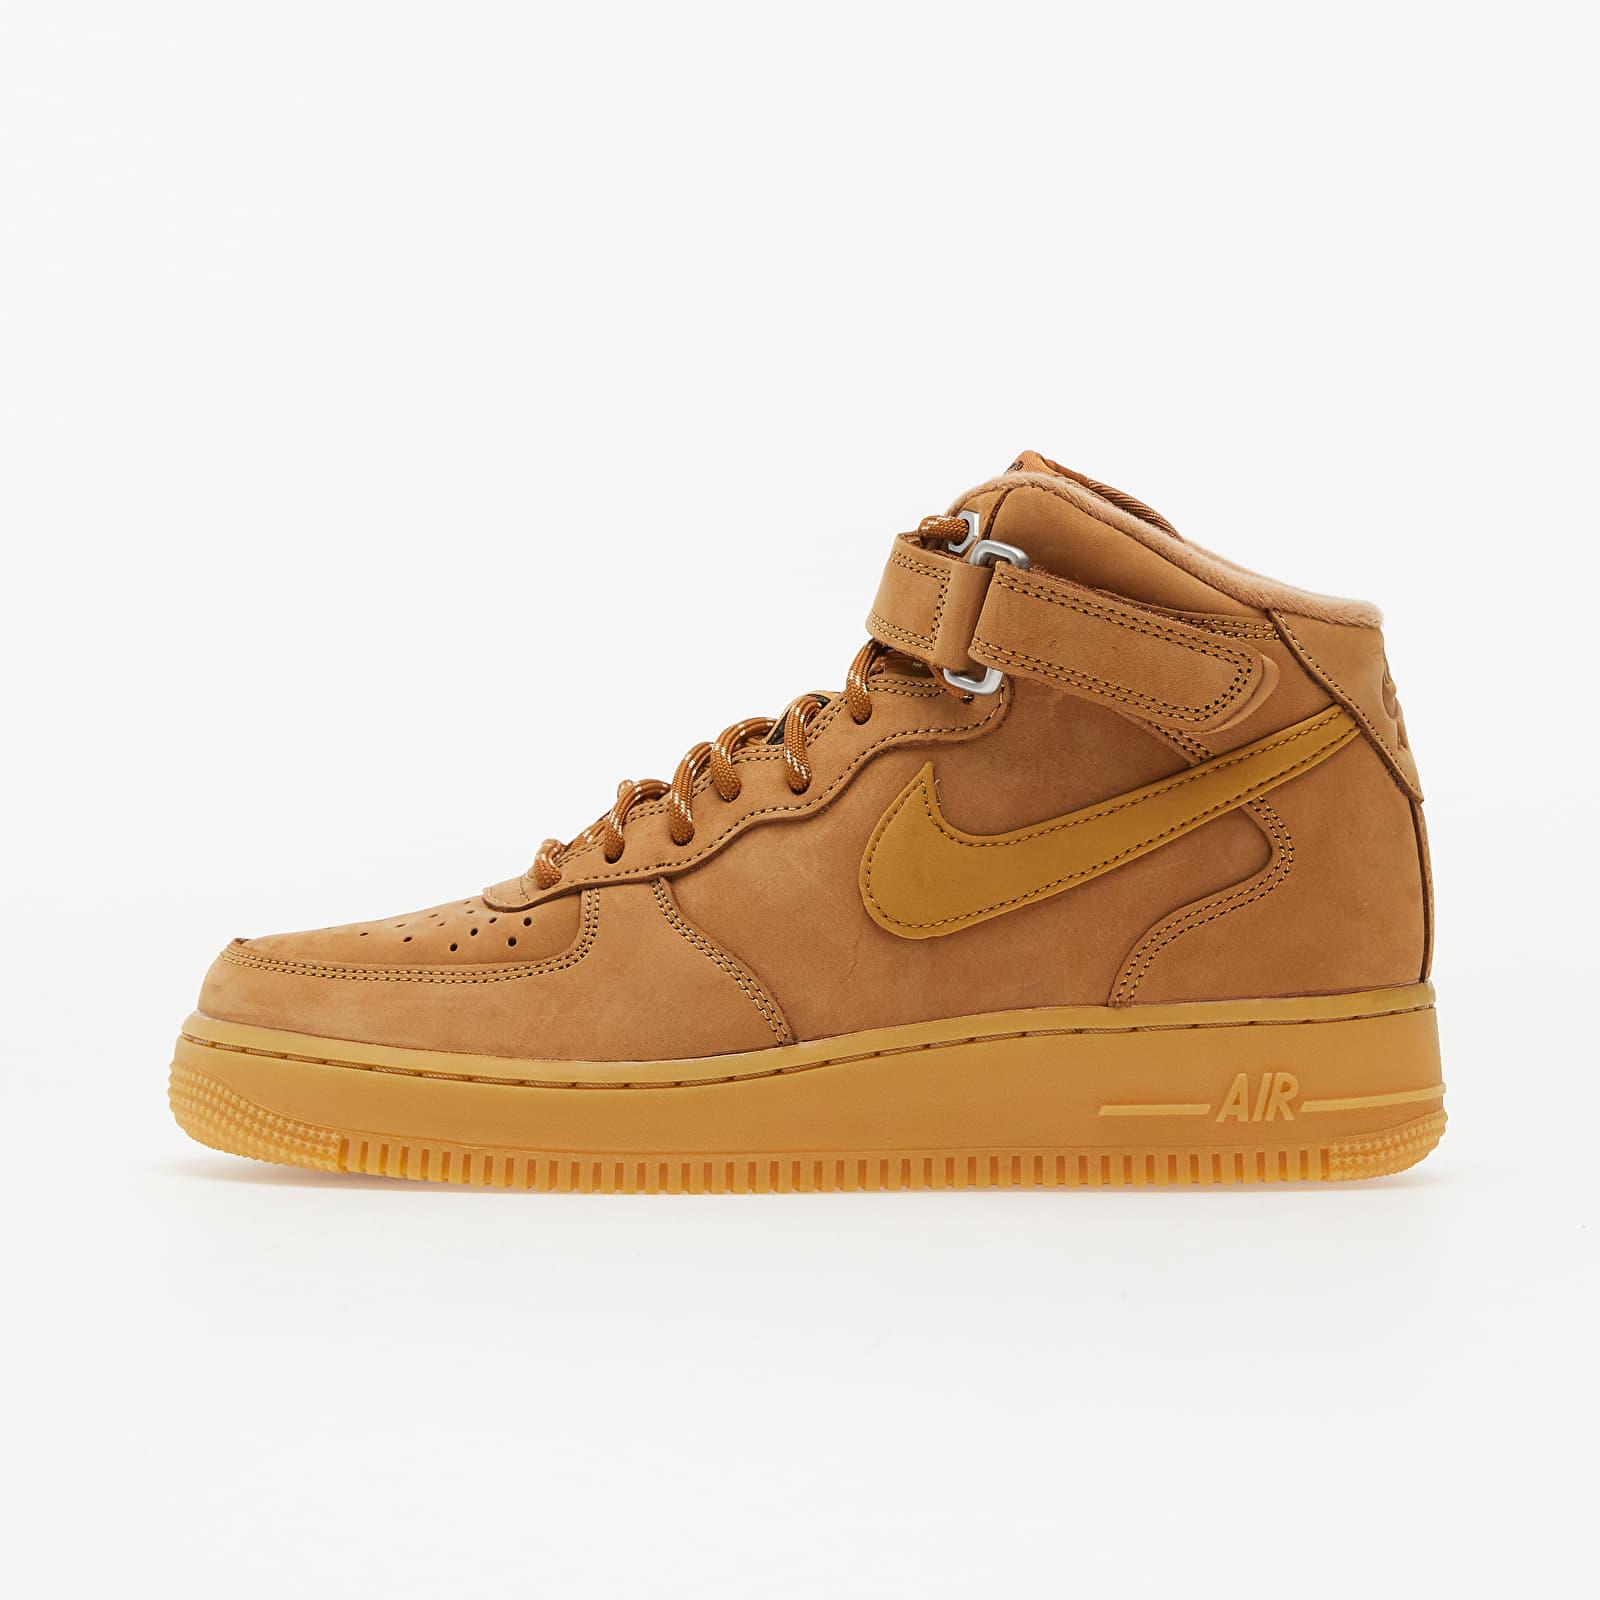 Nike Air Force 1 Mid '07 Flax/ Wheat-Gum Light Brown-Black EUR 39